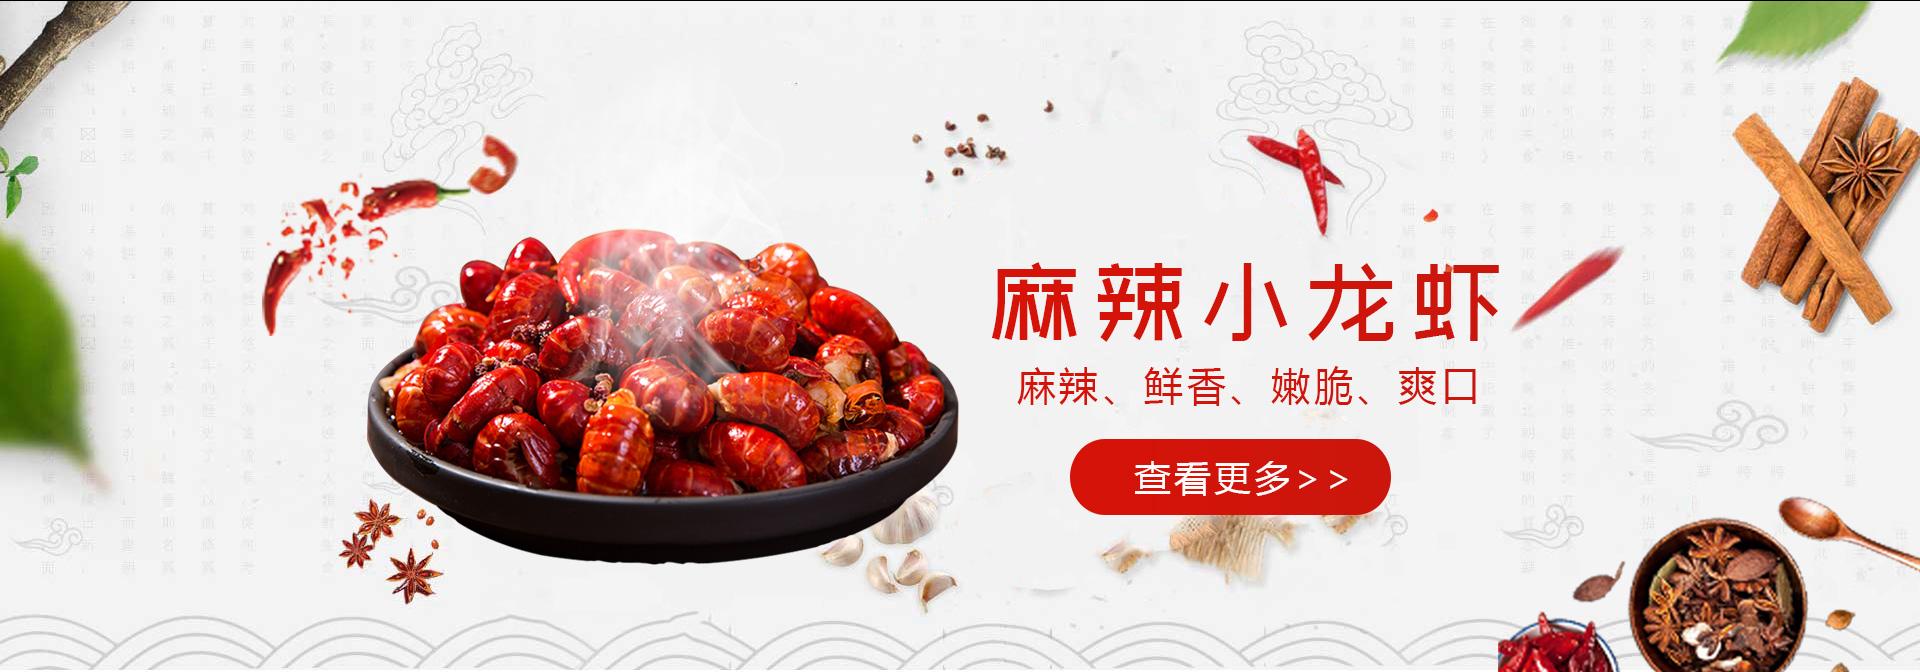 潜江市昌贵水产食品股份有限公司